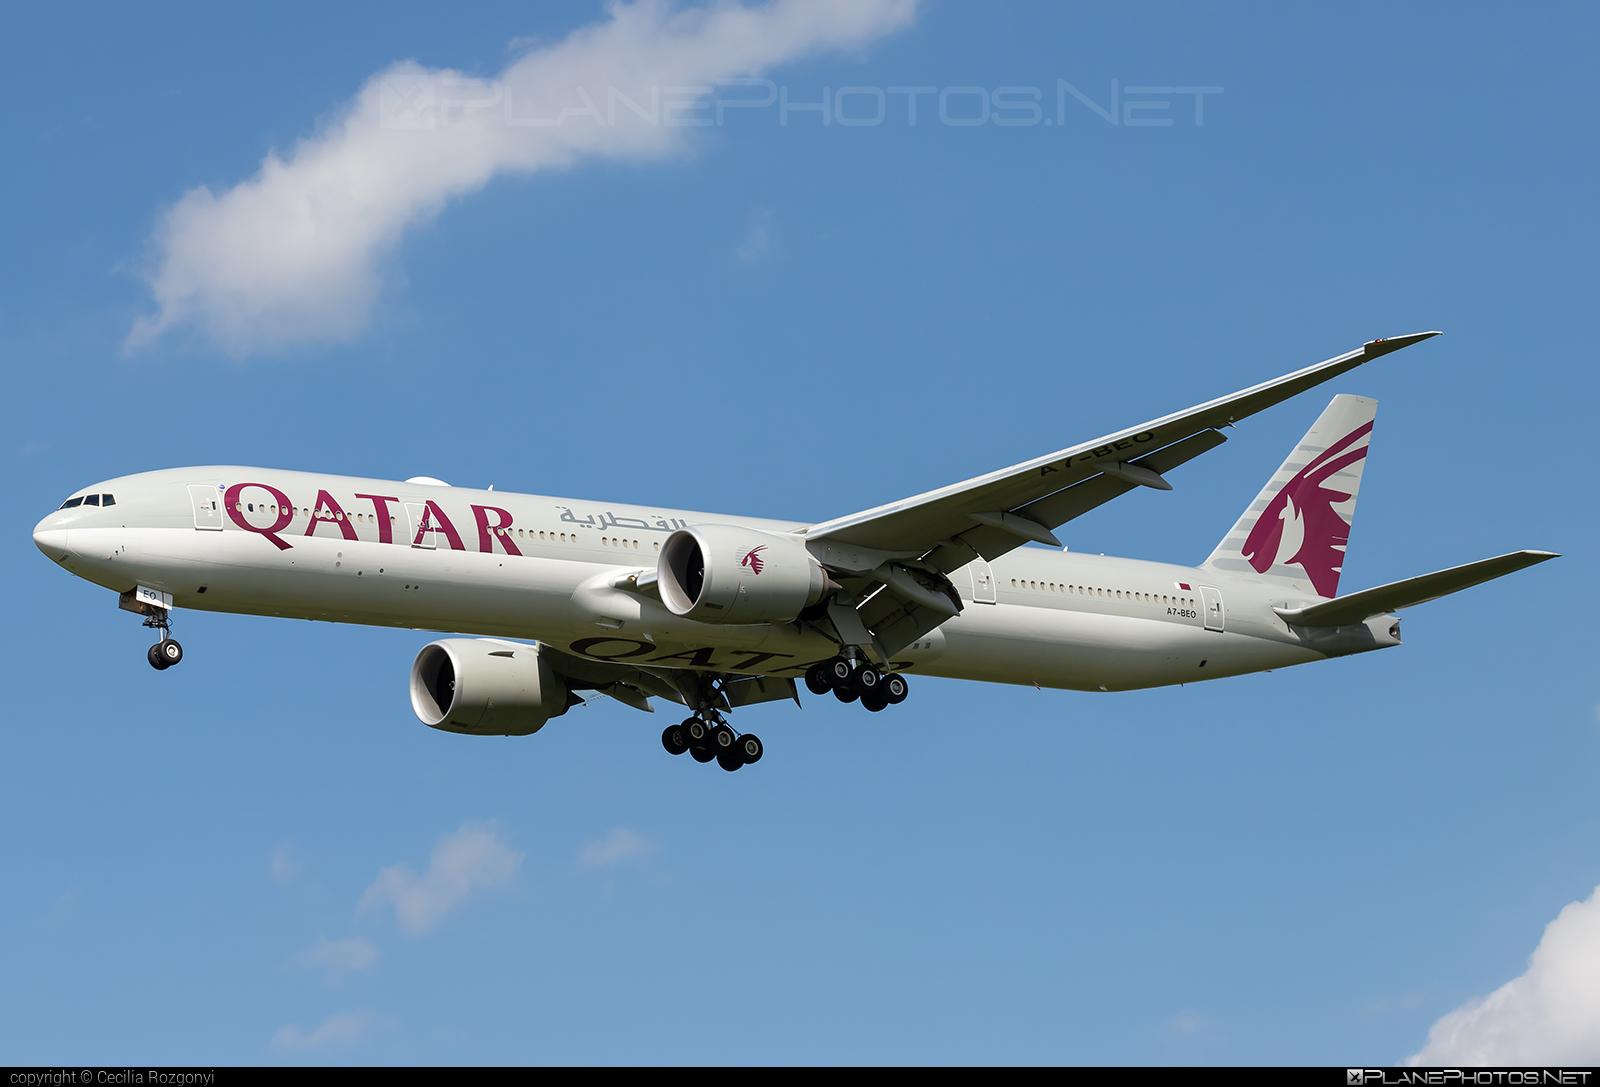 Boeing 777-300ER - A7-BEO operated by Qatar Airways #b777 #b777er #boeing #boeing777 #qatarairways #tripleseven